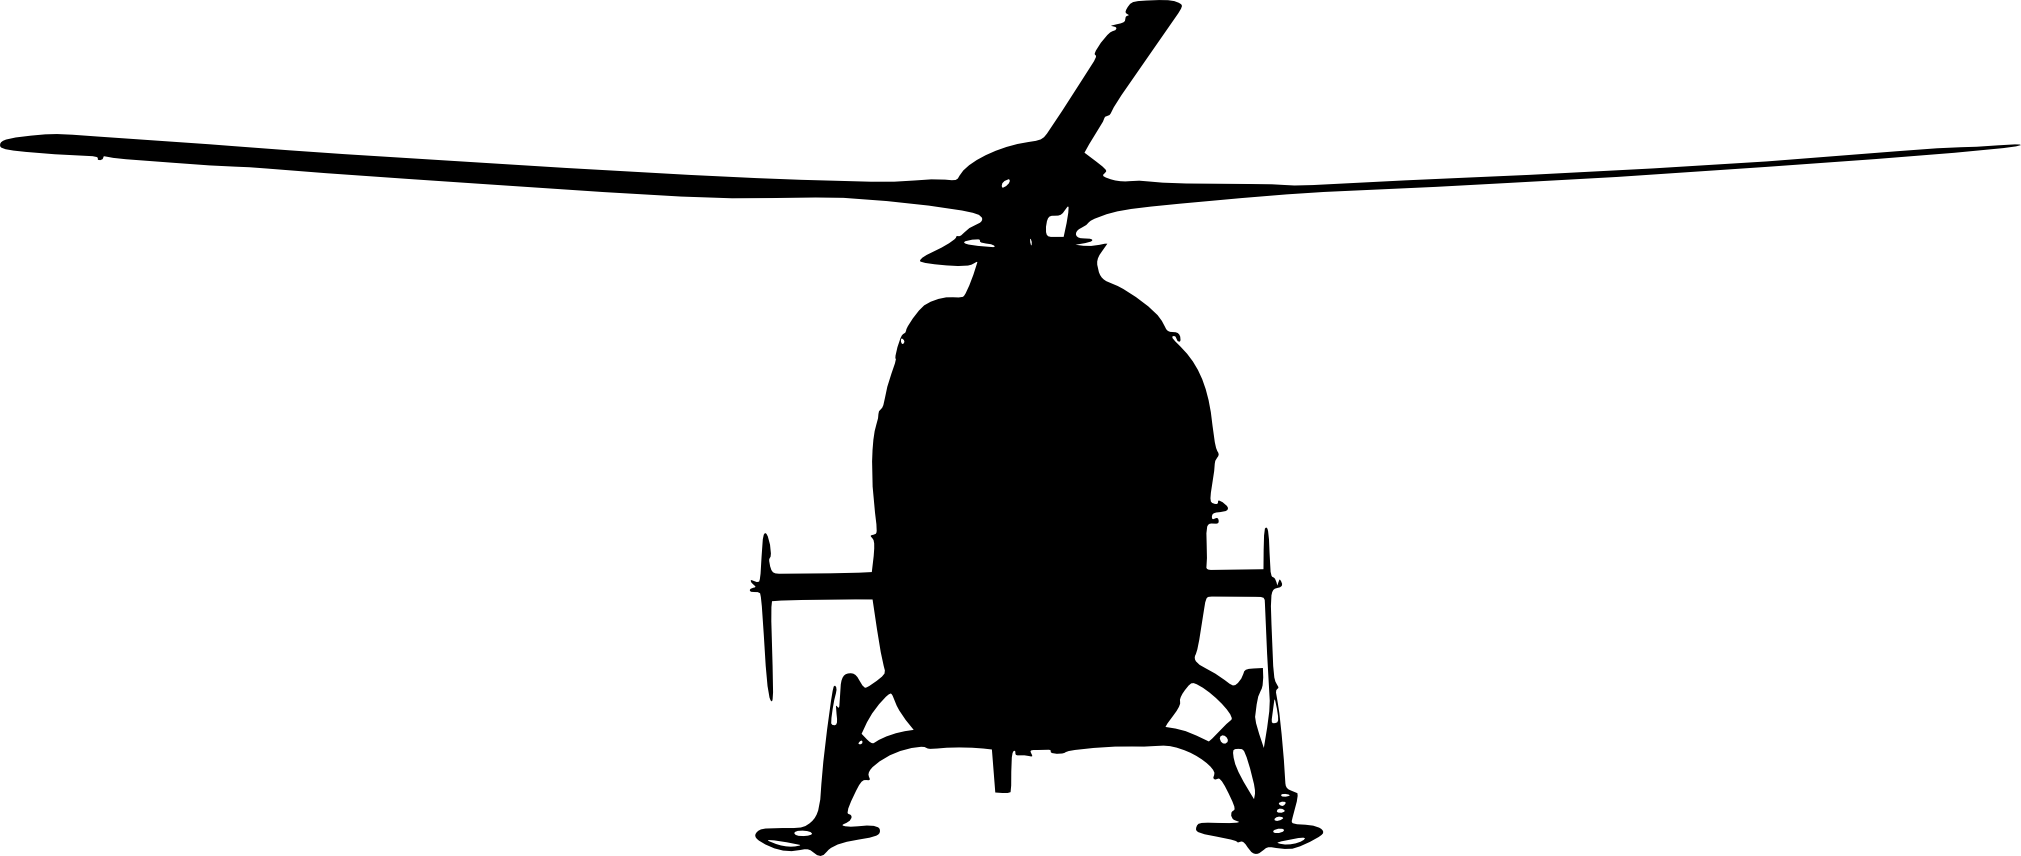 Propeller Silhouette